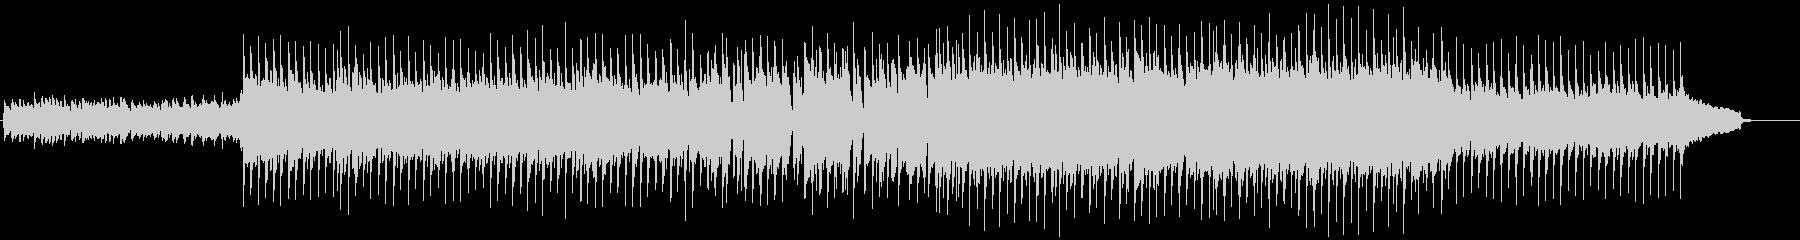 VP系11、爽やかなロック、ドライブBの未再生の波形